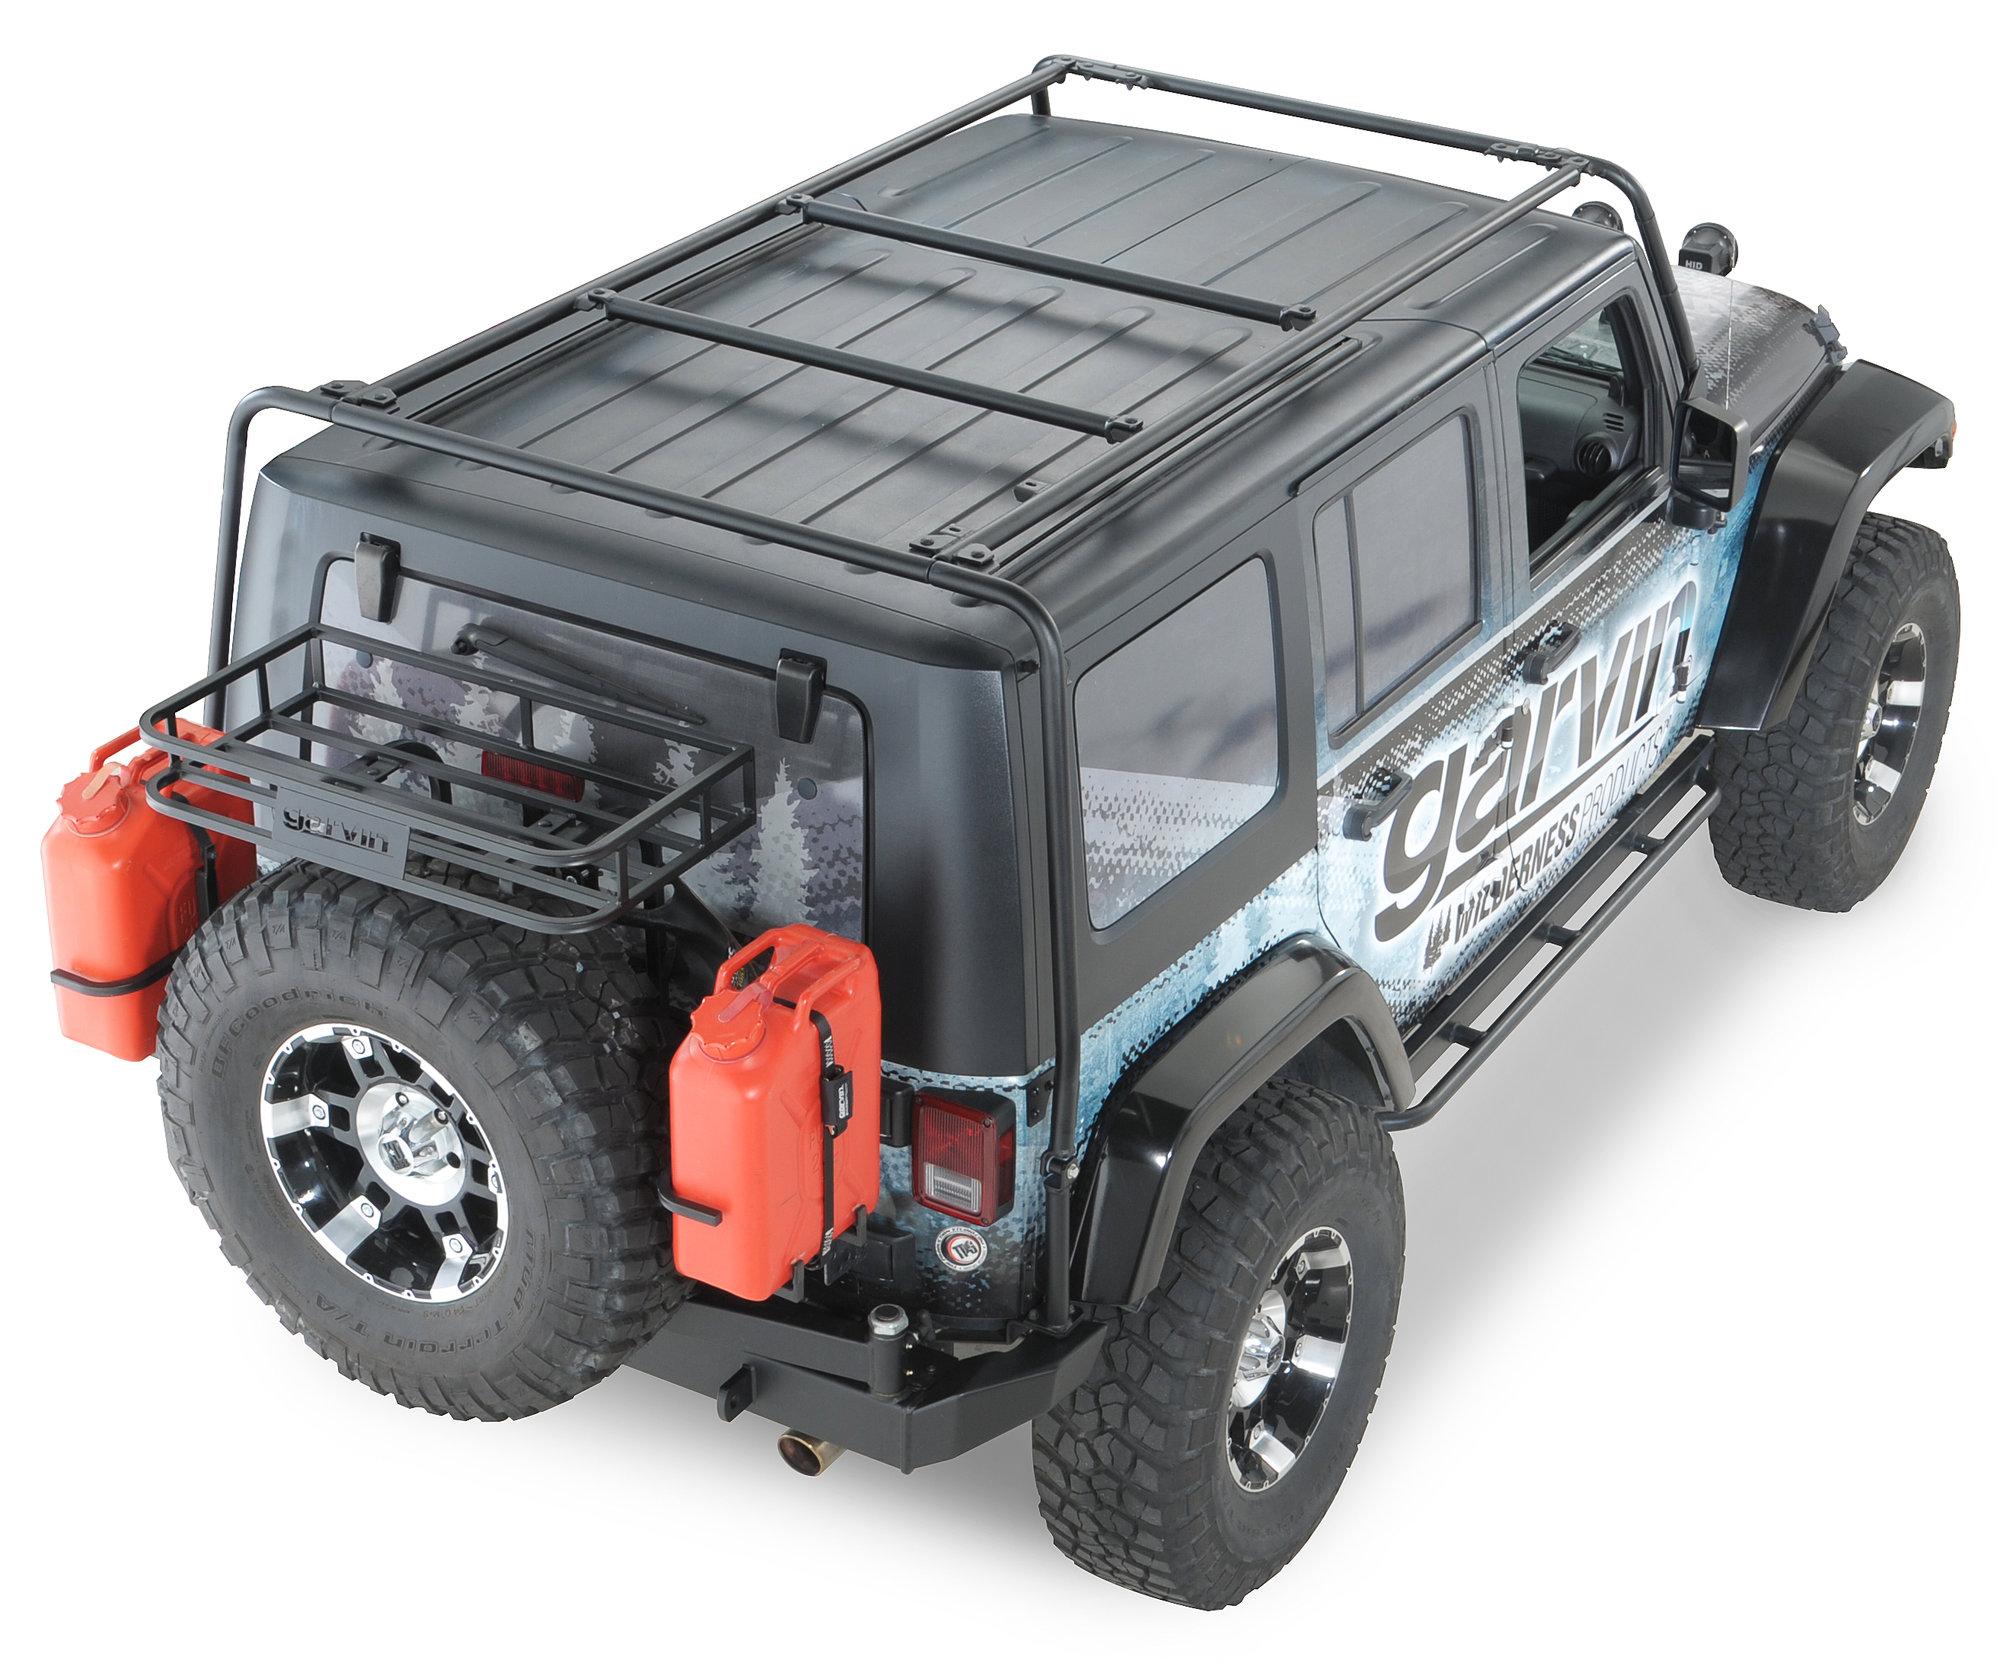 Garvinc Adventure Rack For 07 17 Jeepr Wrangler Wrangler